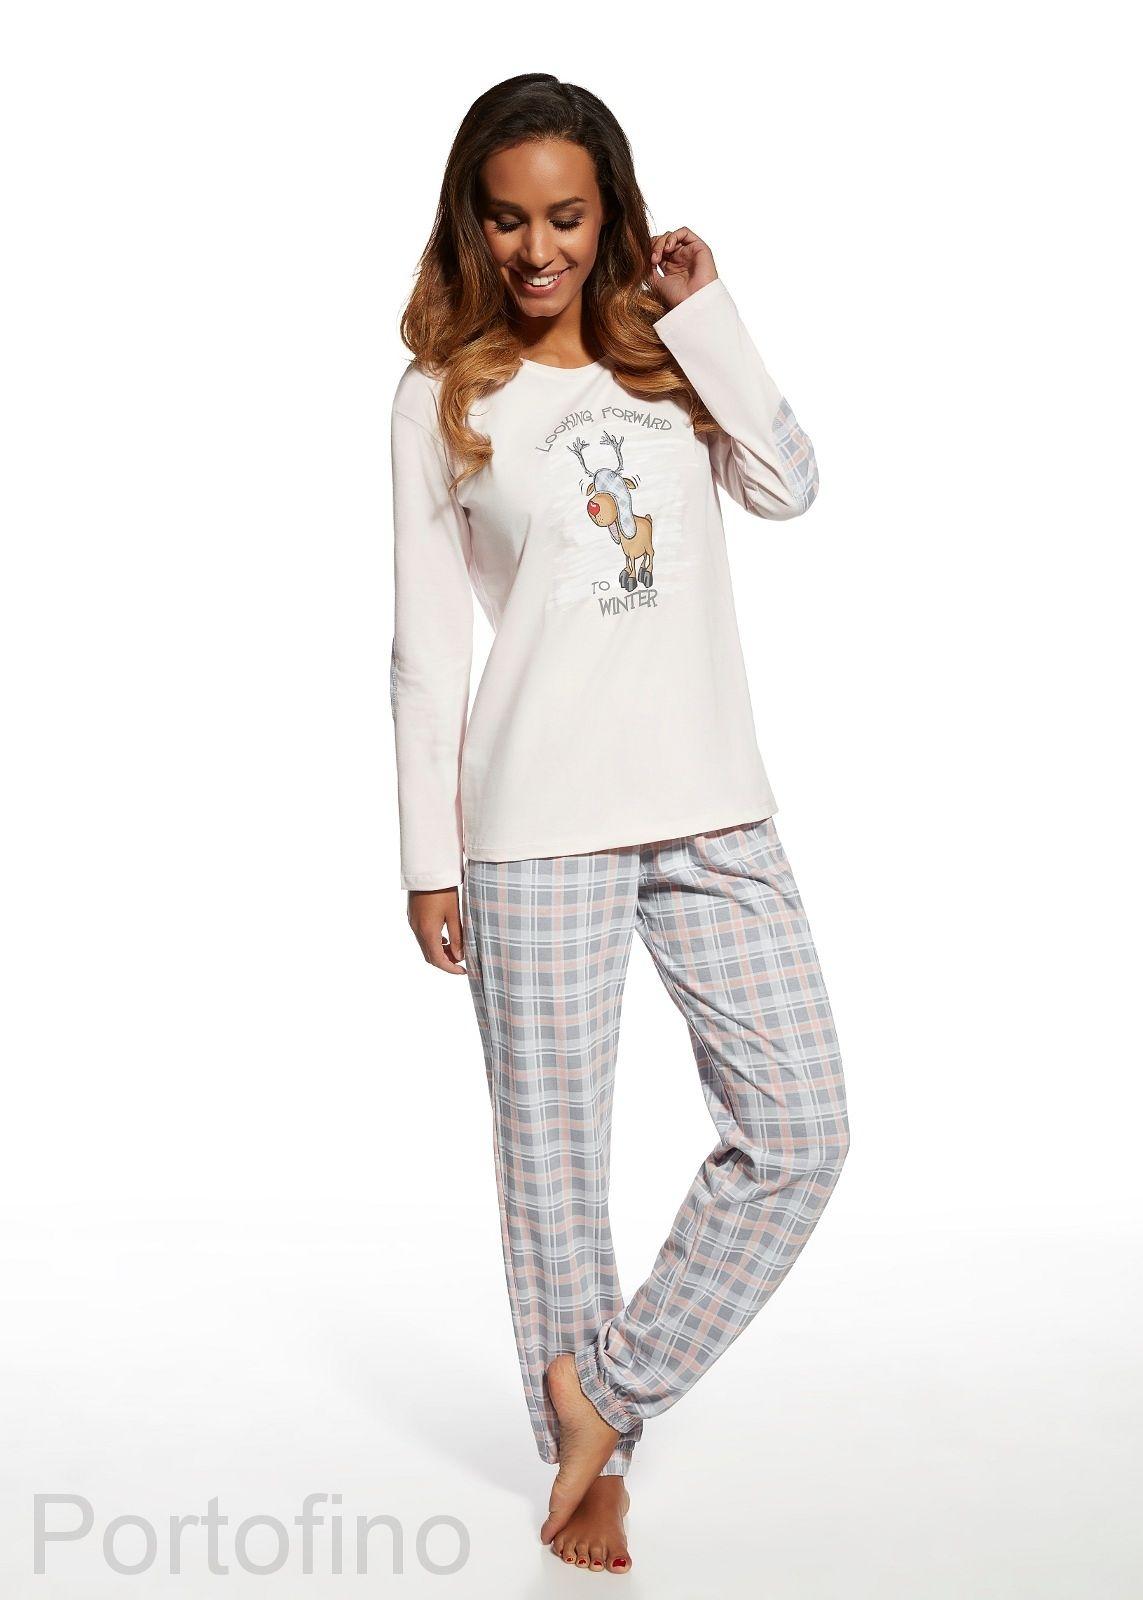 cc16cbc710d9 685-98 женская пижама с красивыми брюками и футболкой Cornette.купить в  Москве